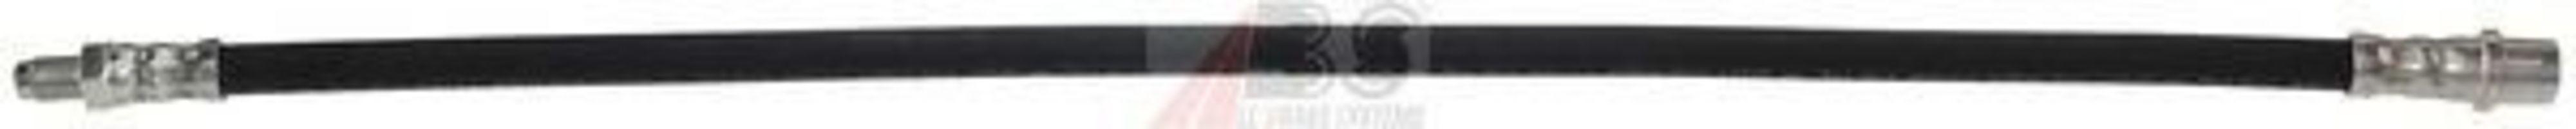 Шланг тормозной A.B.S. SL5825